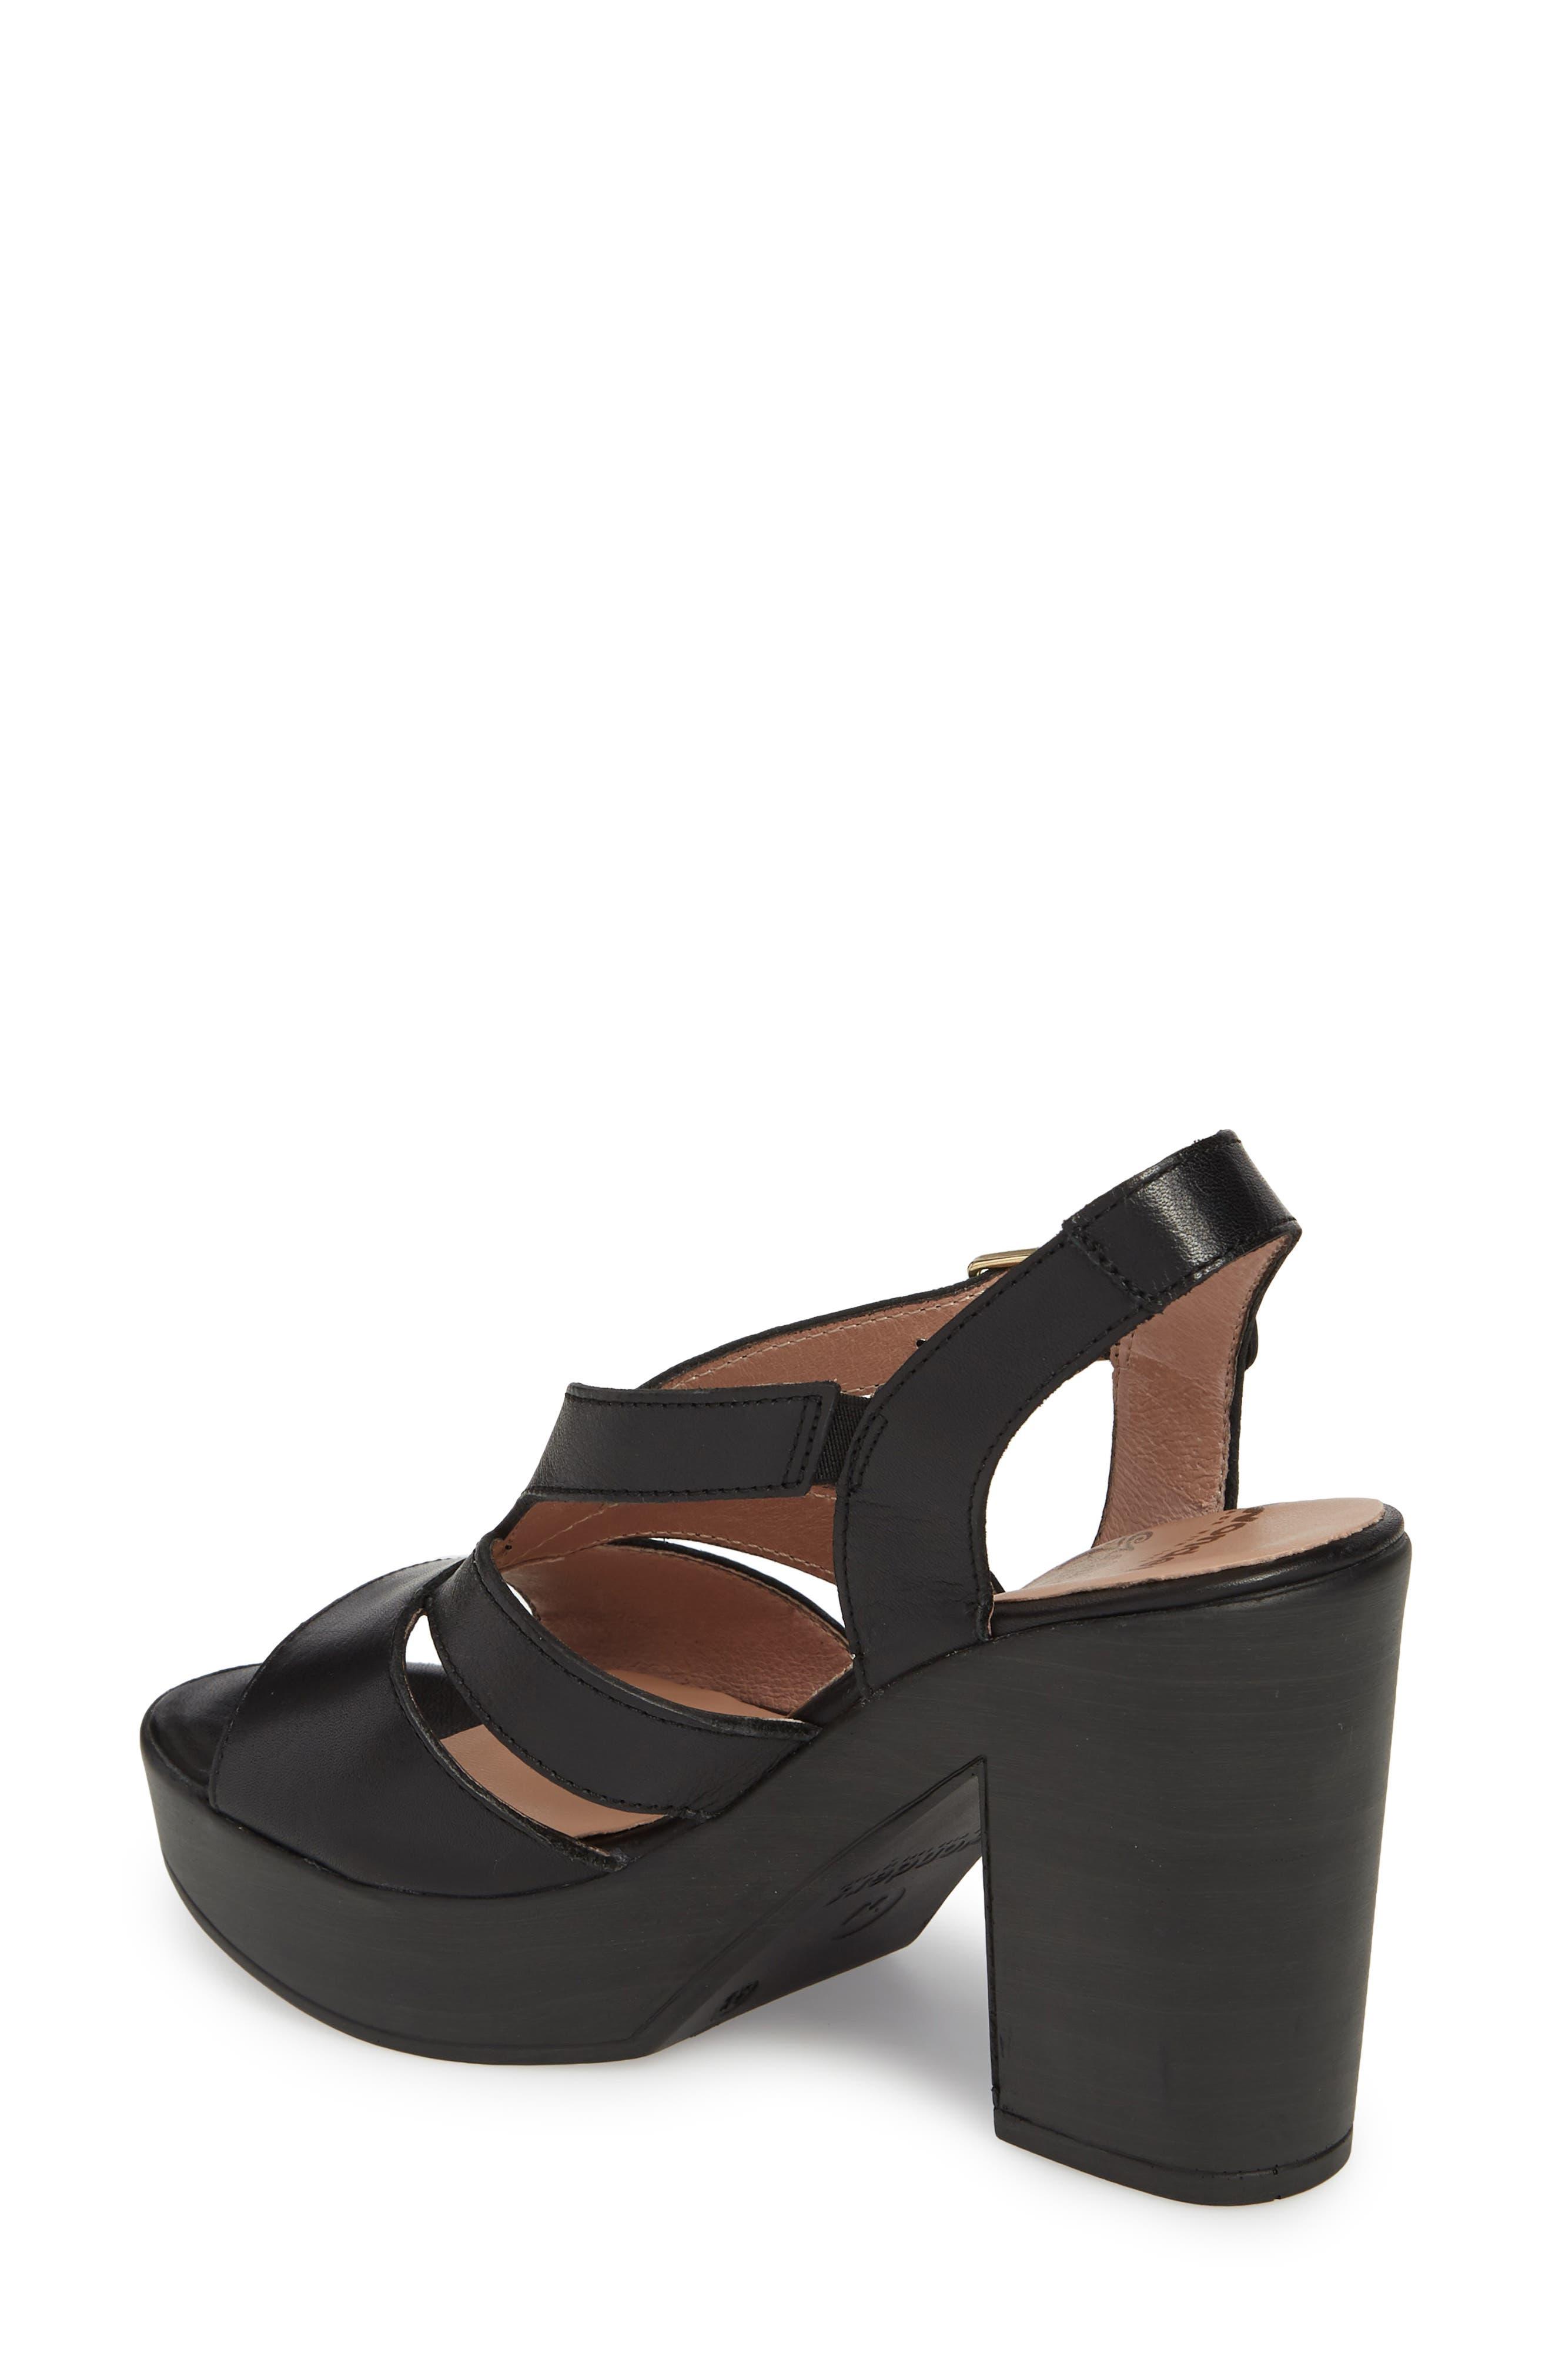 V-Strap Platform Sandal,                             Alternate thumbnail 2, color,                             BLACK LEATHER